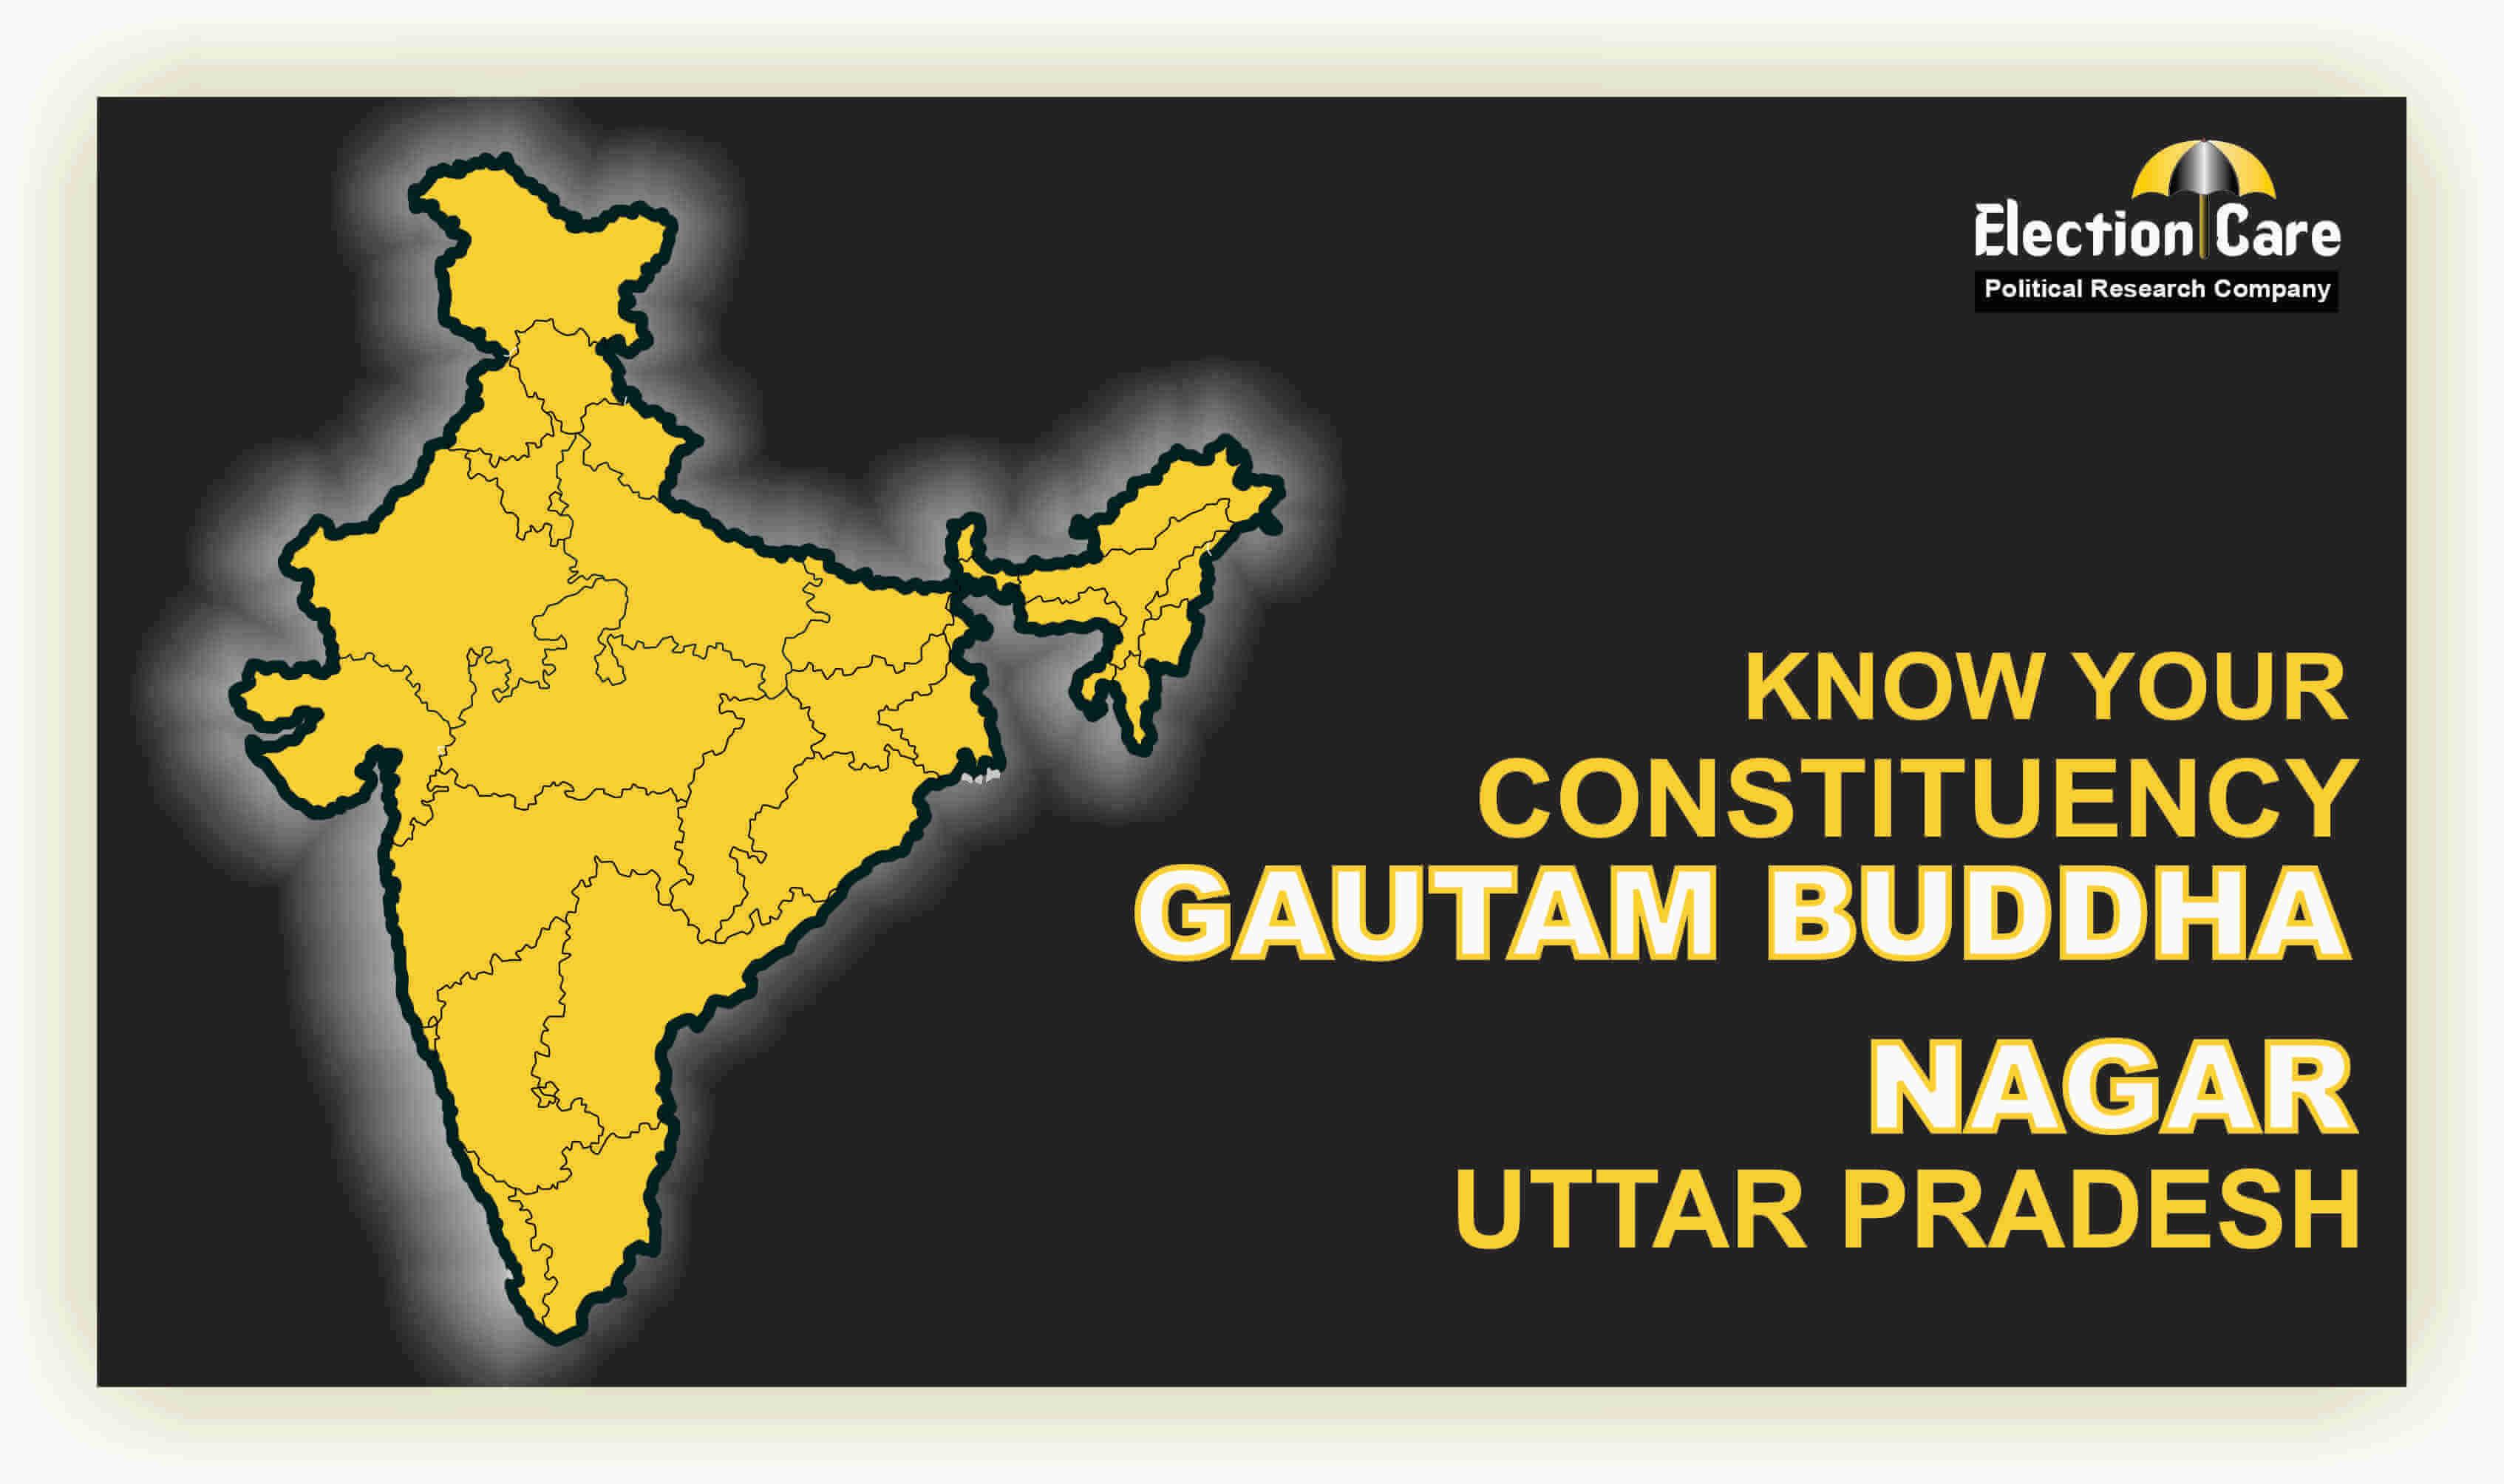 Gautam Buddha Nagar Parliament Election Result